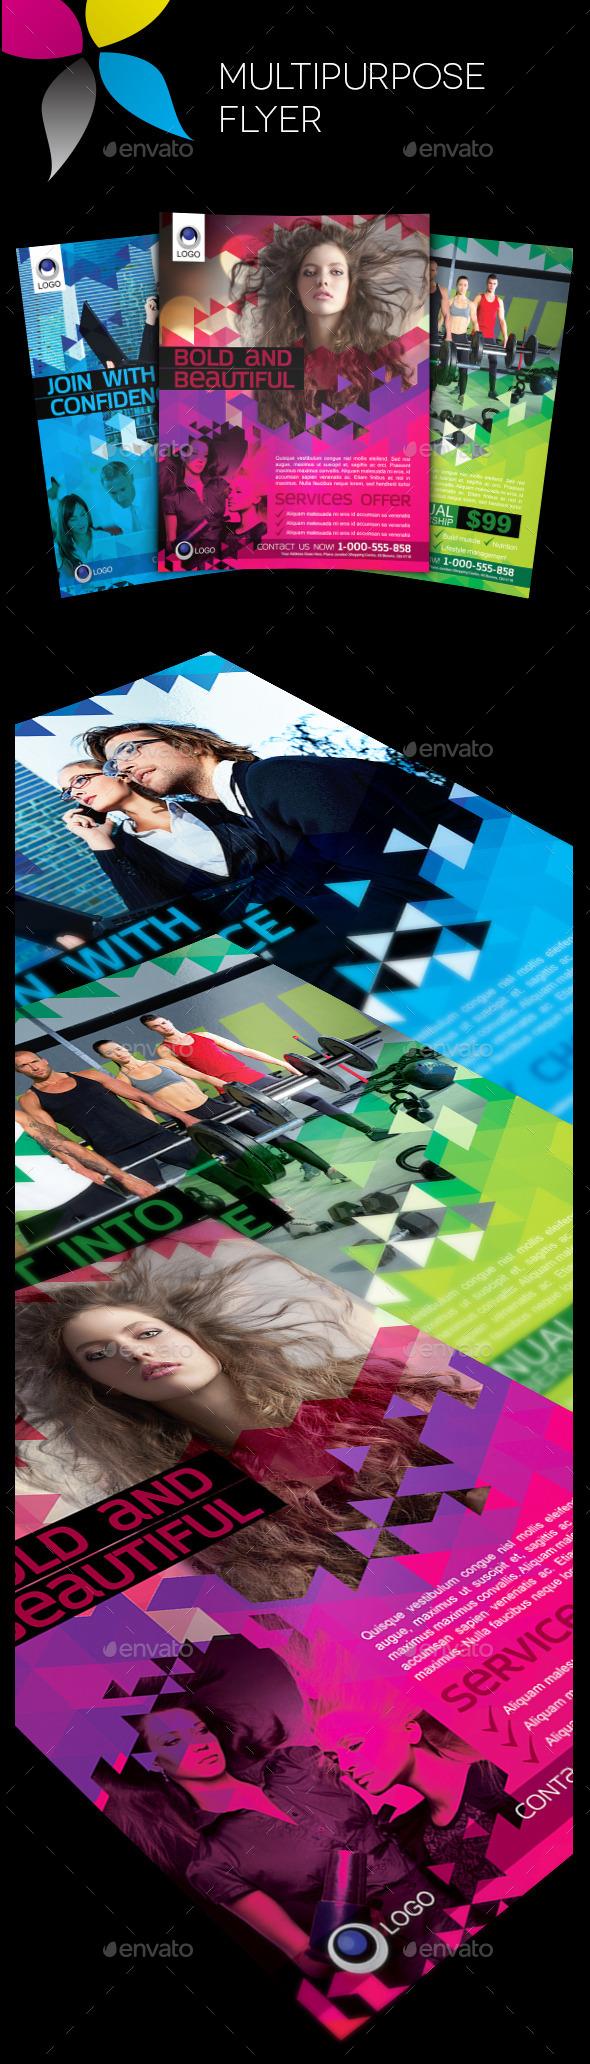 GraphicRiver Multipurpose Flyer 11069158